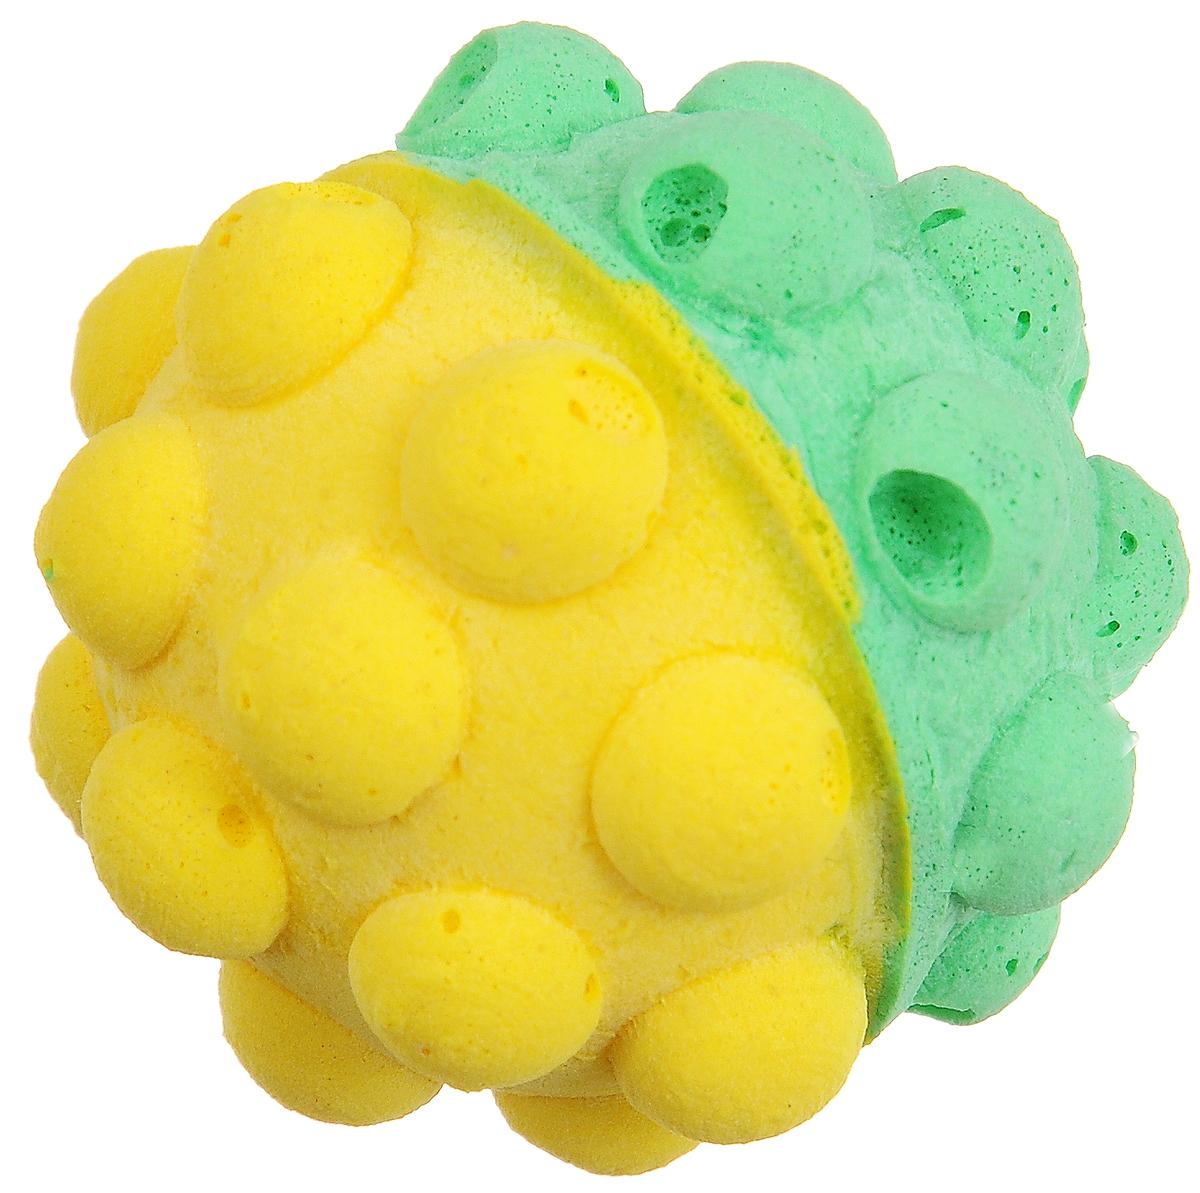 Игрушка для животных Каскад Мячик зефирный. Мина, цвет: зеленый, желтый, диаметр 4,5 см27799309Мягкая игрушка для животных Каскад Мячик зефирный. Мина изготовлена из вспененного полимера. Такая игрушка порадует вашего любимца, а вам доставит массу приятных эмоций, ведь наблюдать за игрой всегда интересно и приятно. Диаметр игрушки: 4,5 см.